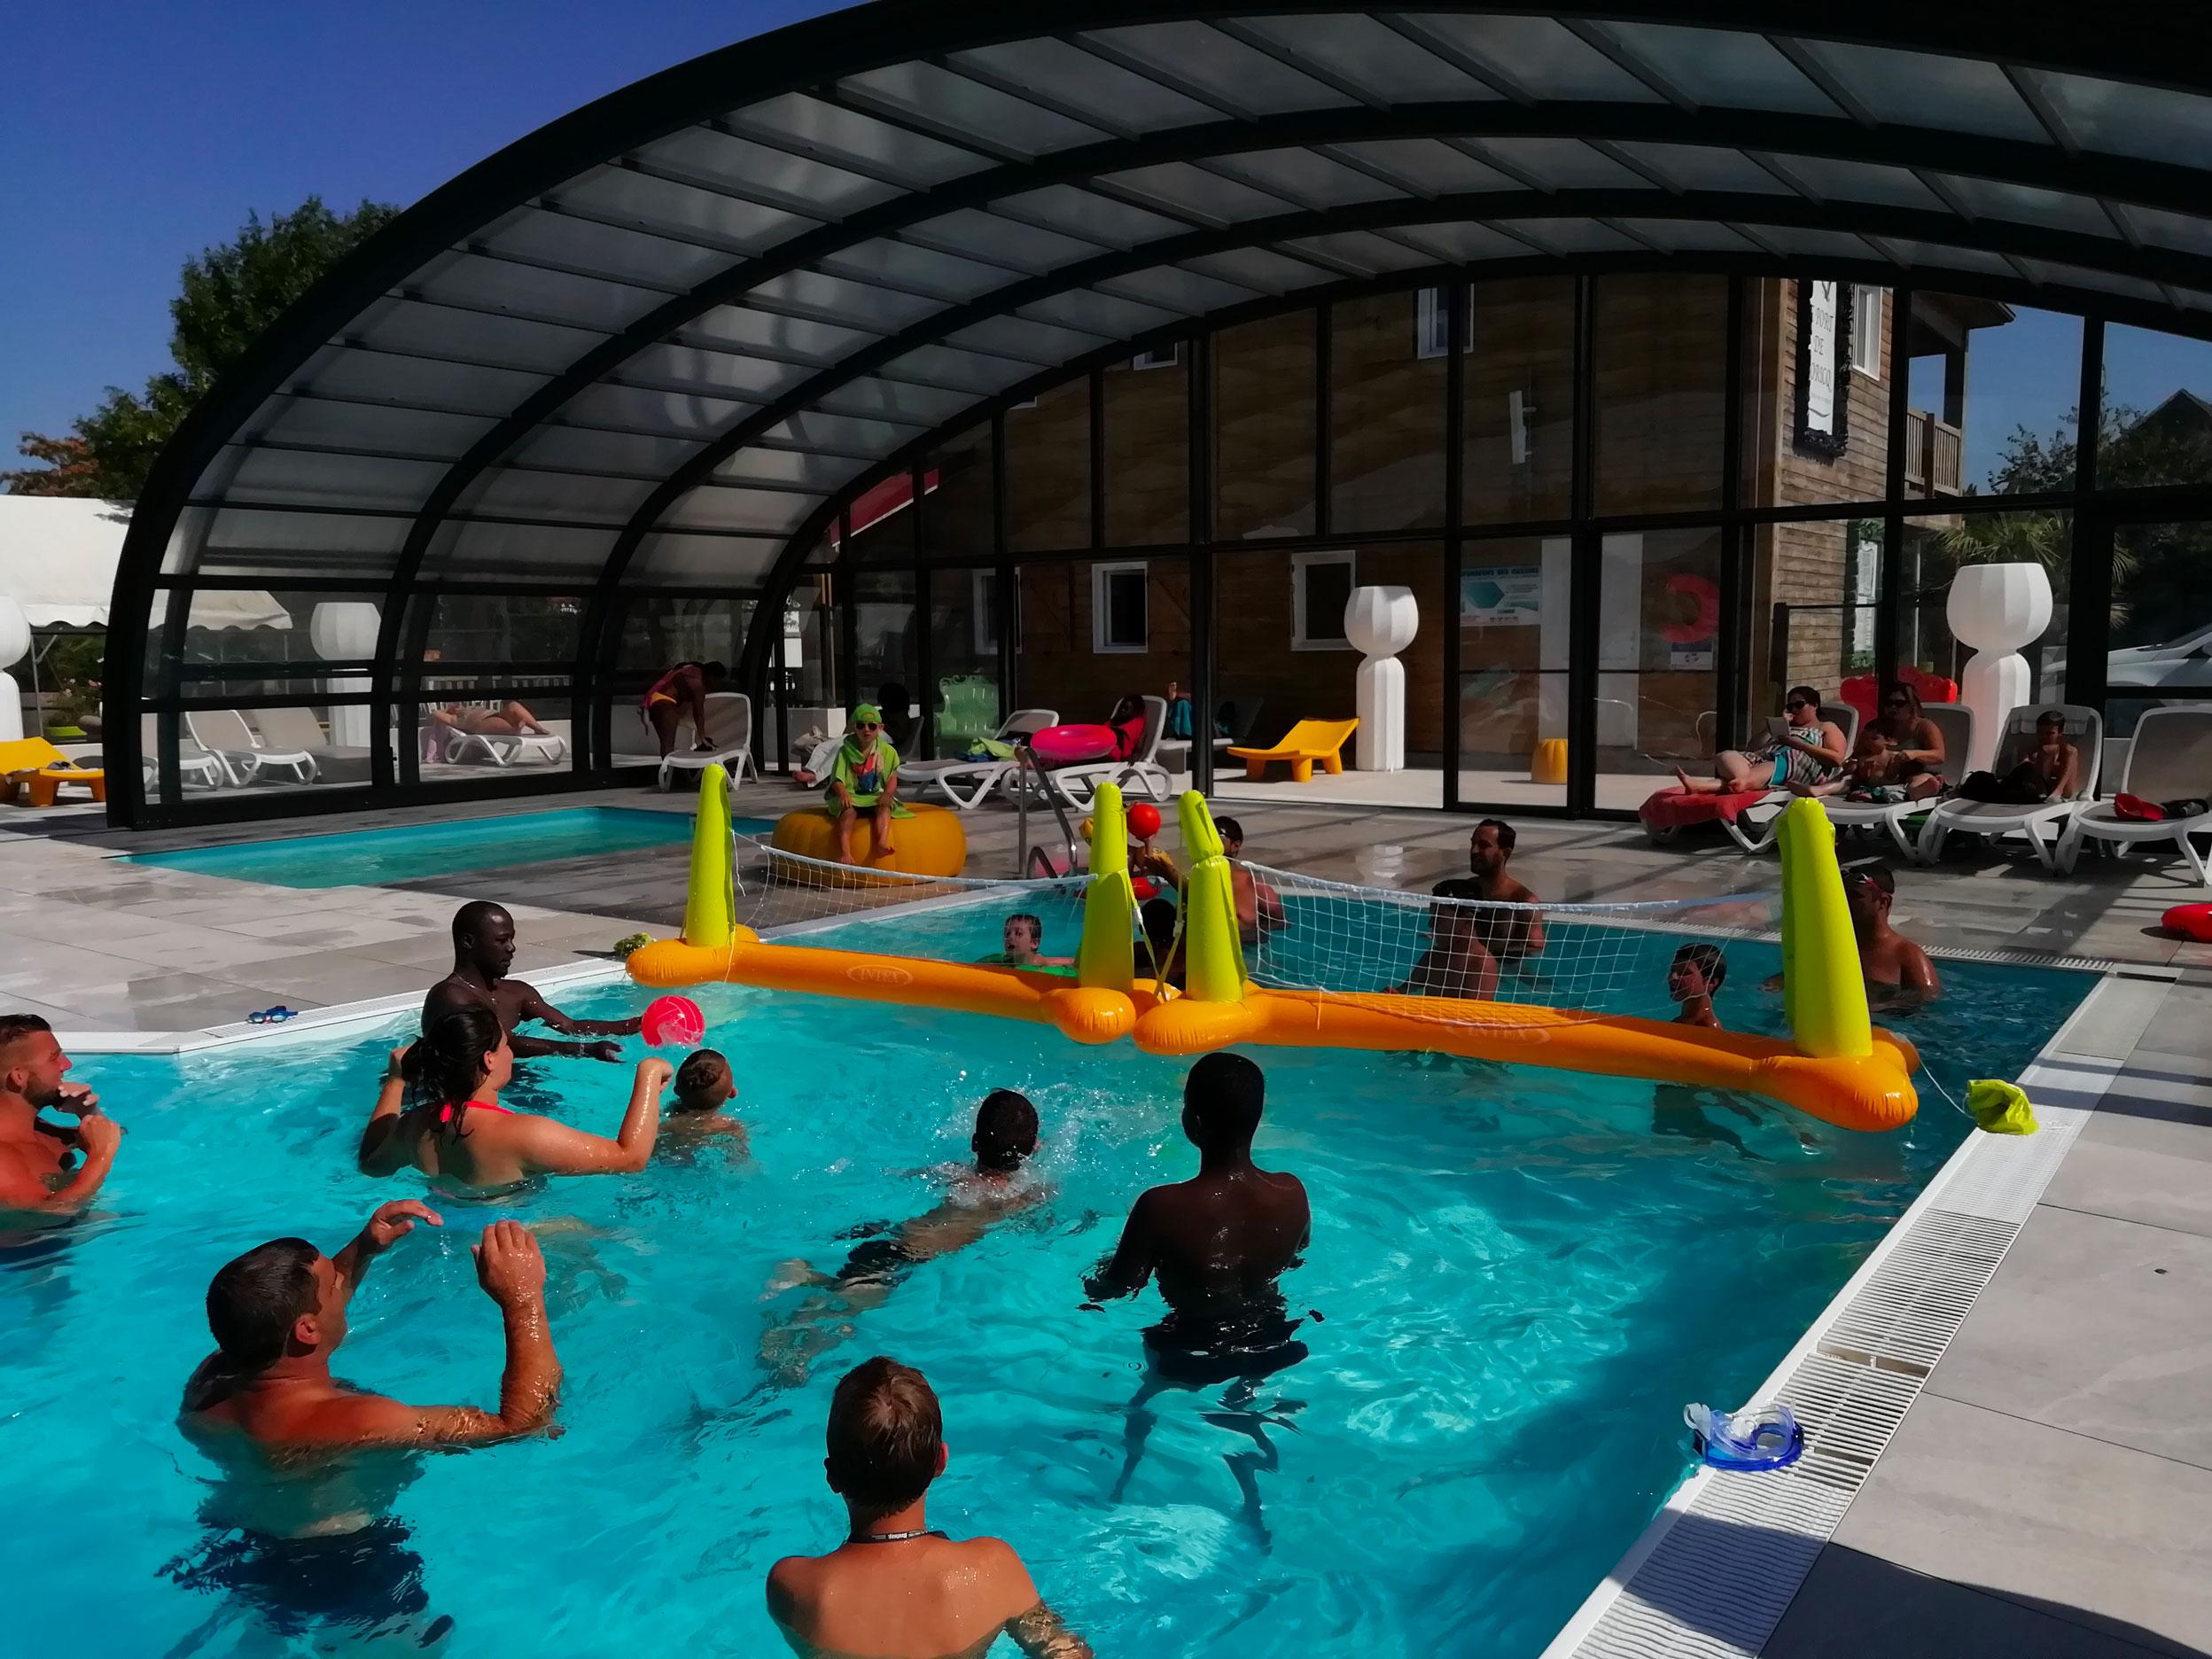 galerie-photos-activites-piscine-2-camping-familial-vendee-le-port-de-moricq